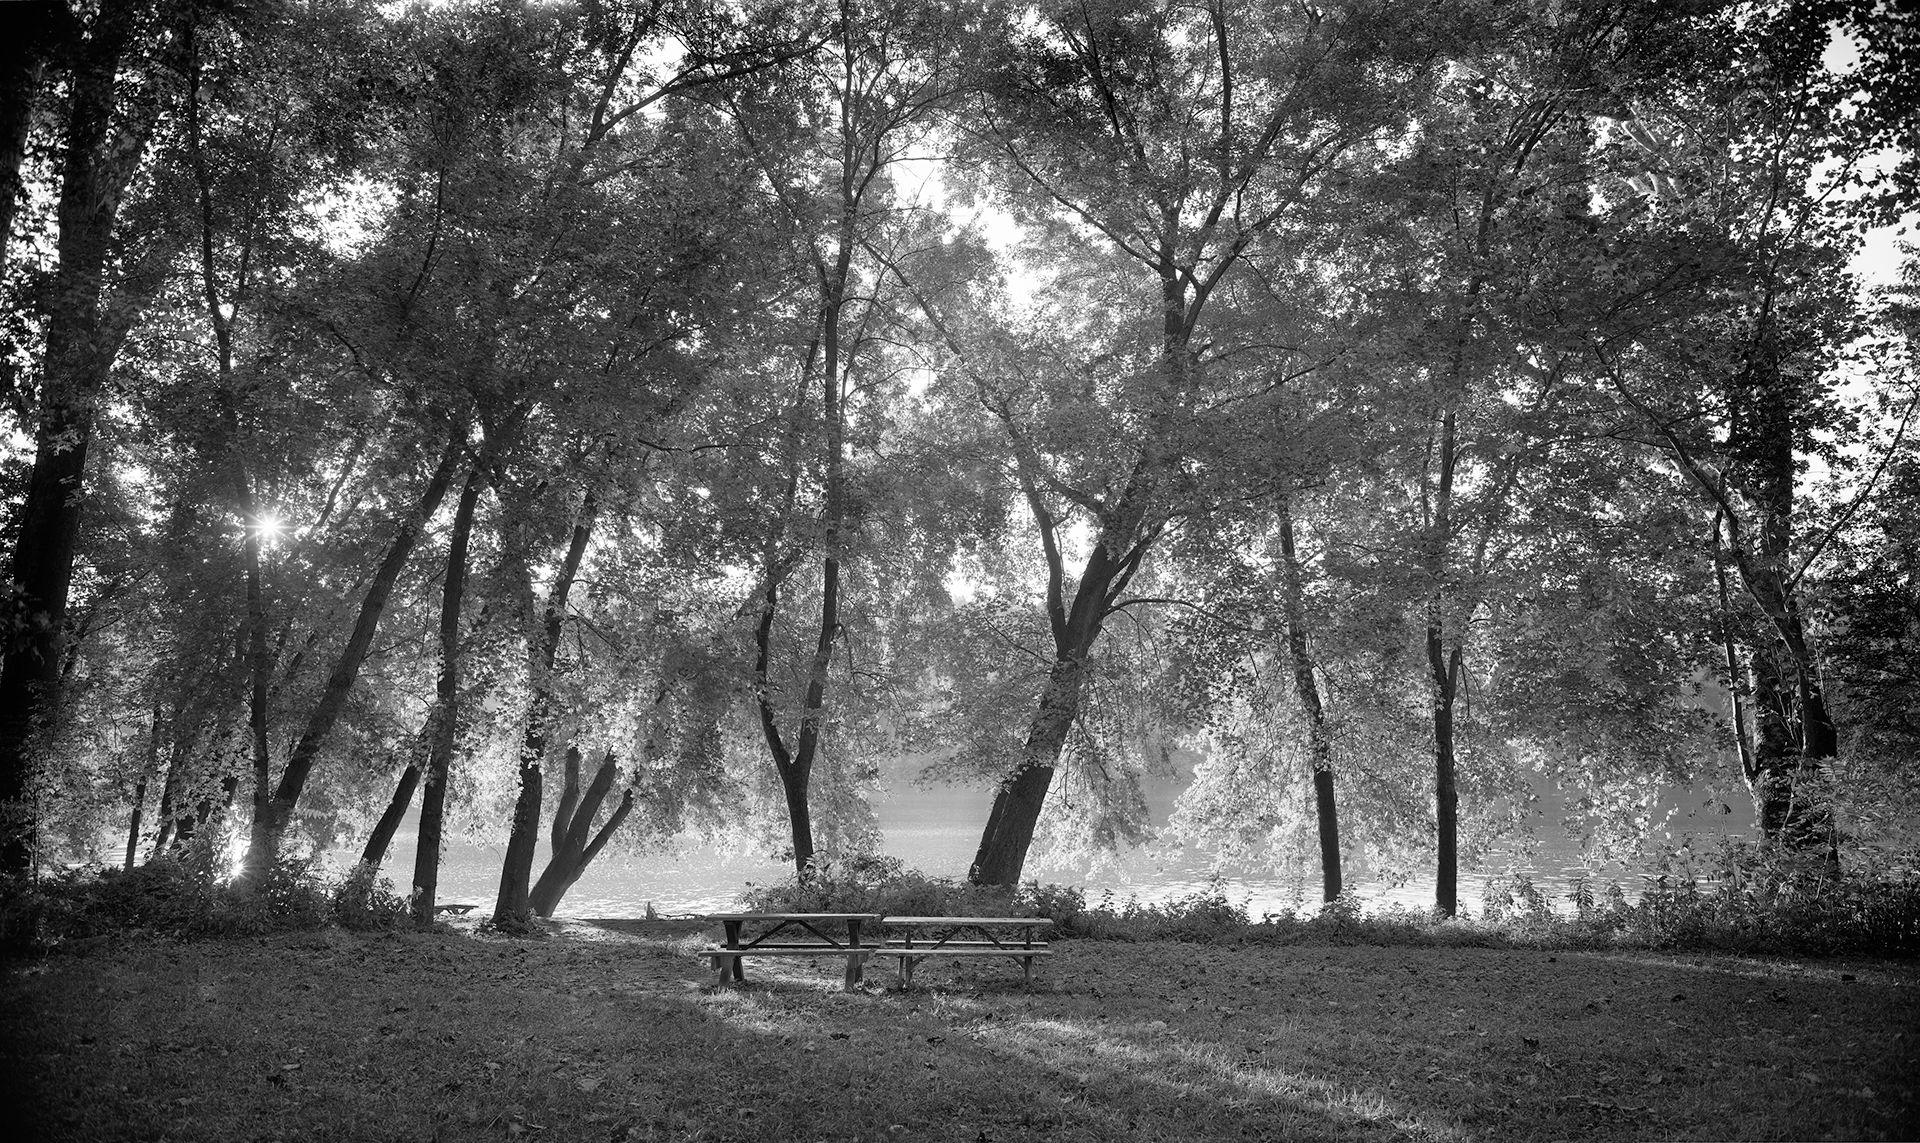 Potomac at Sycamore Island